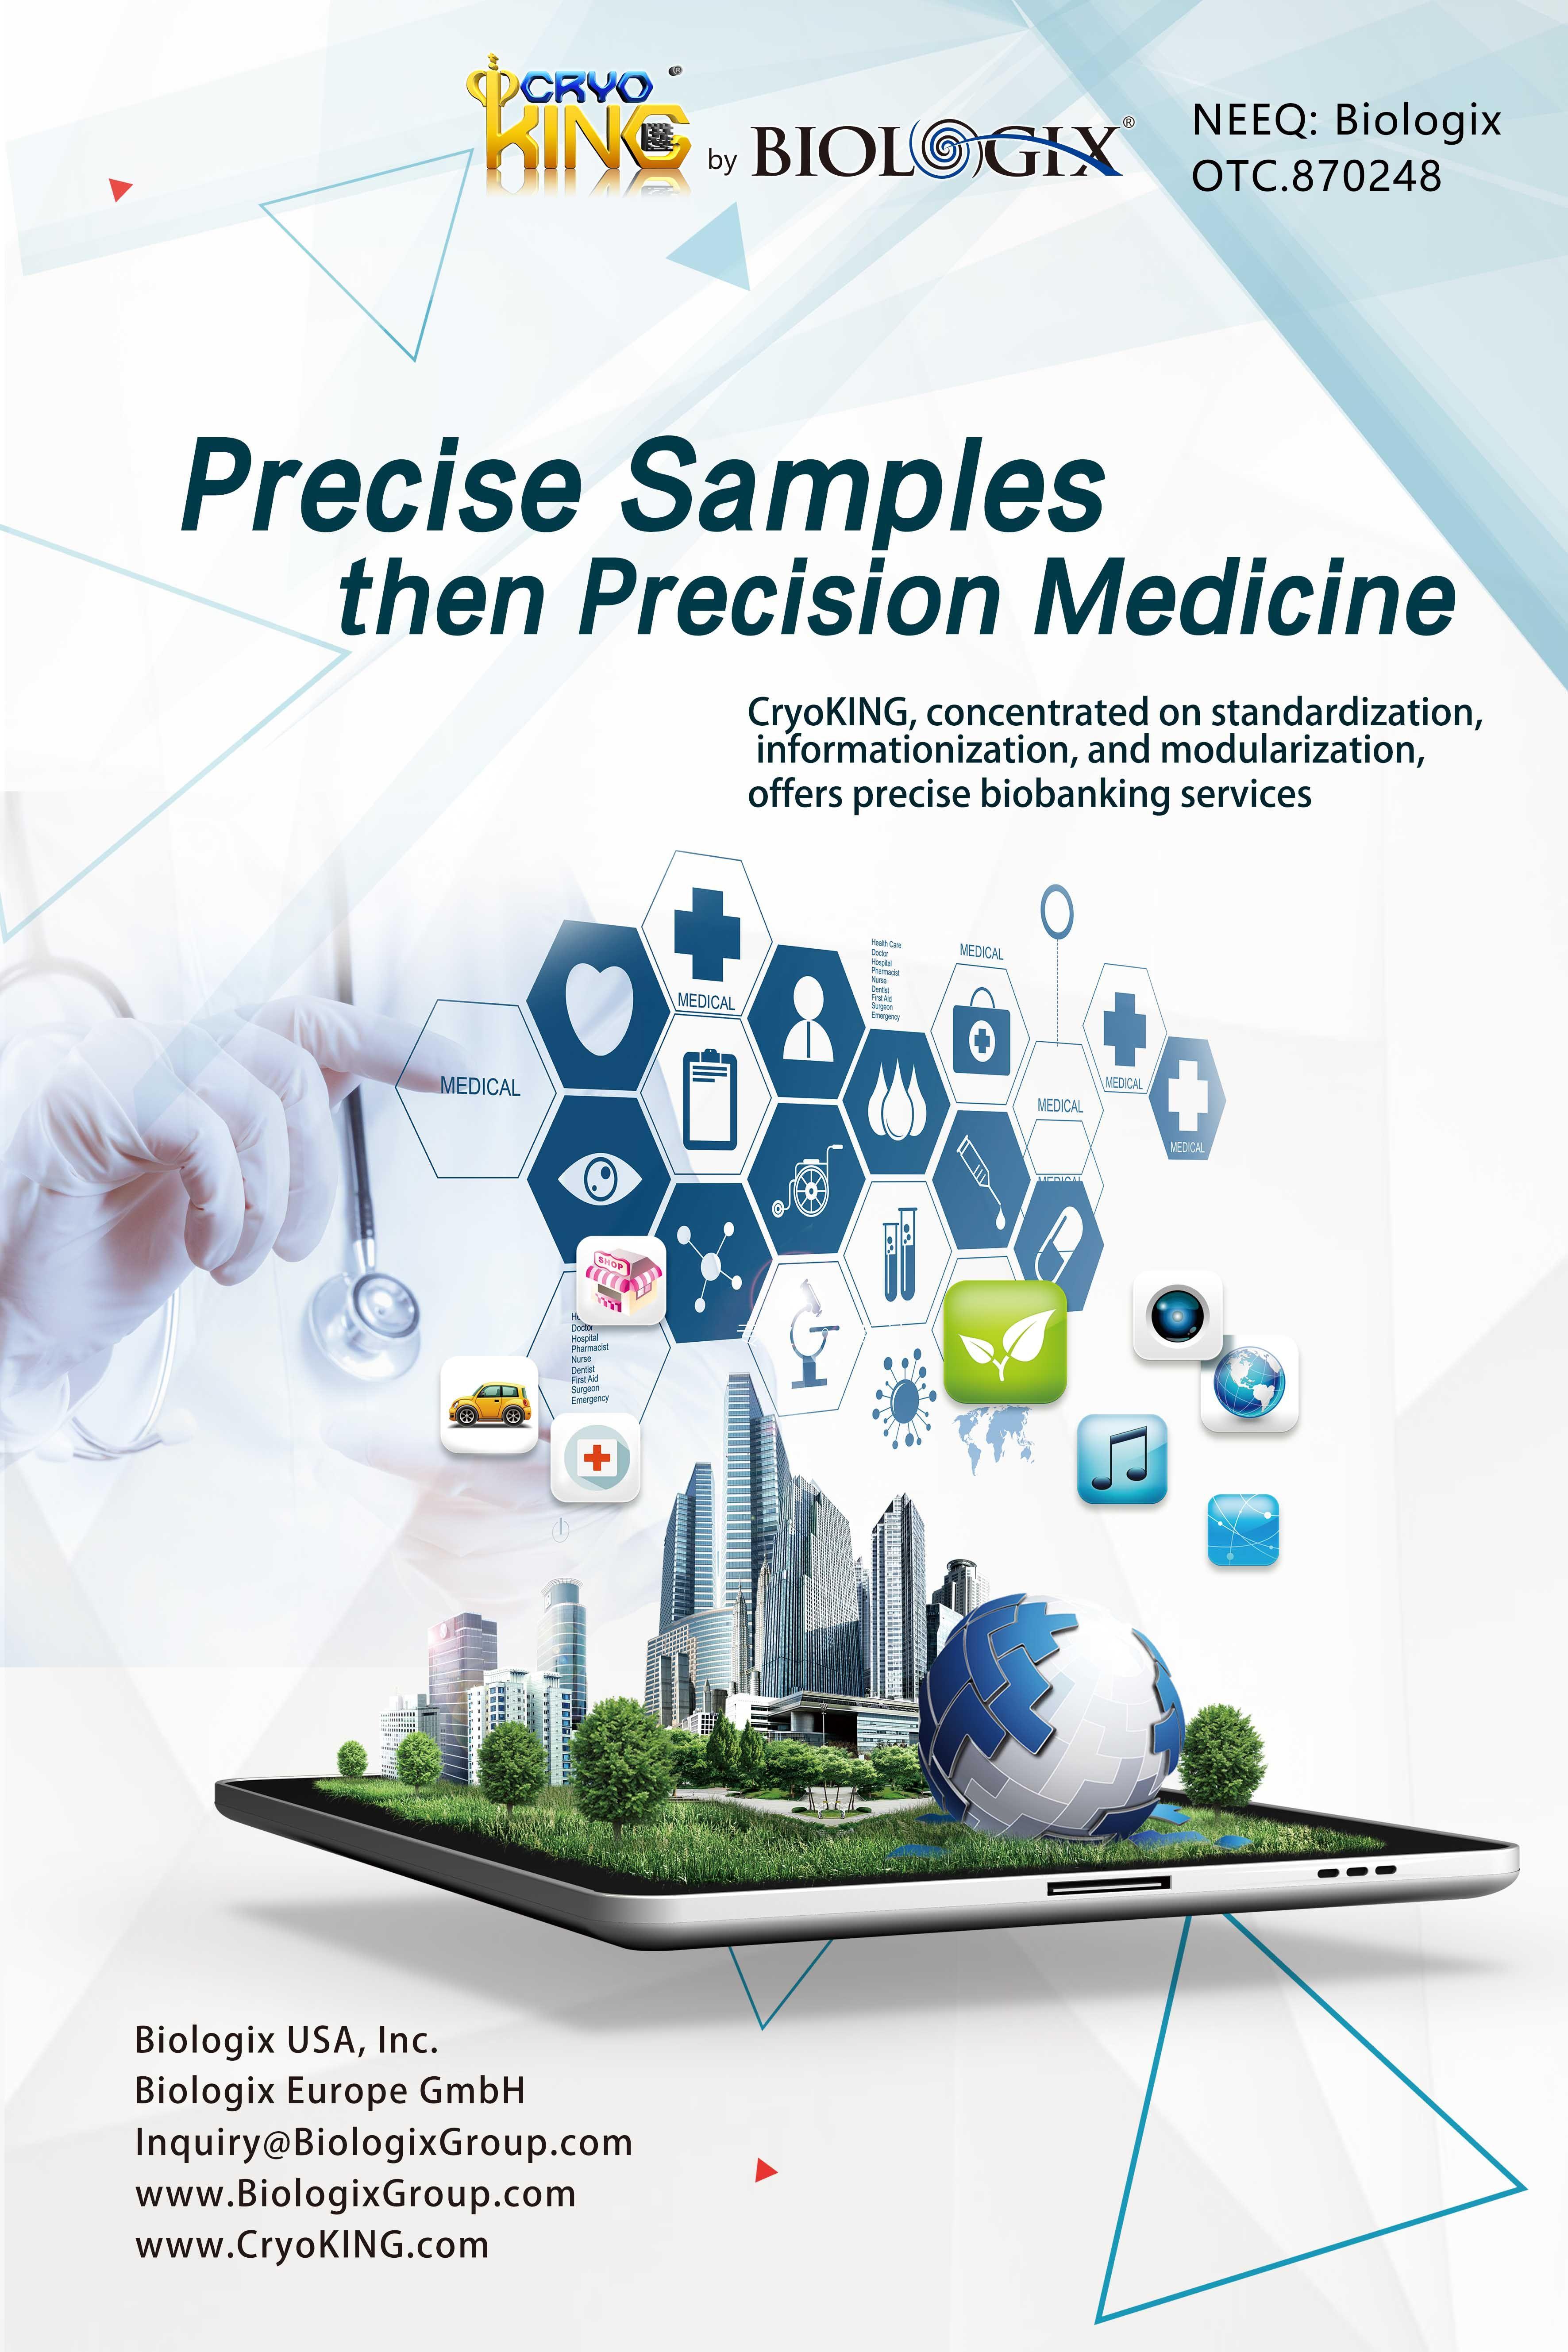 Precise Samples Then Precision Medicine